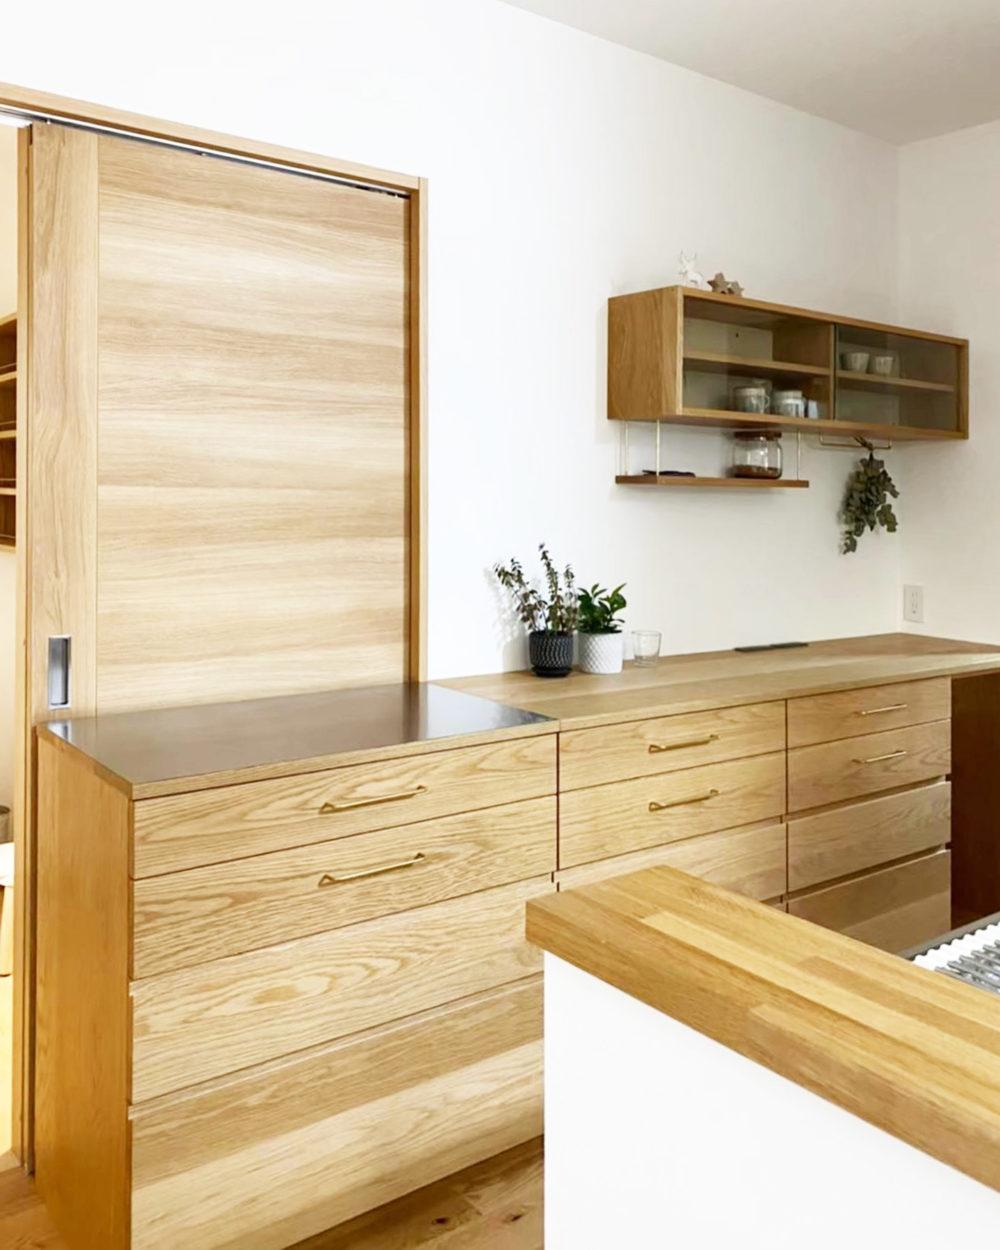 オーダー家具・カップボード・食器棚/関西・奈良